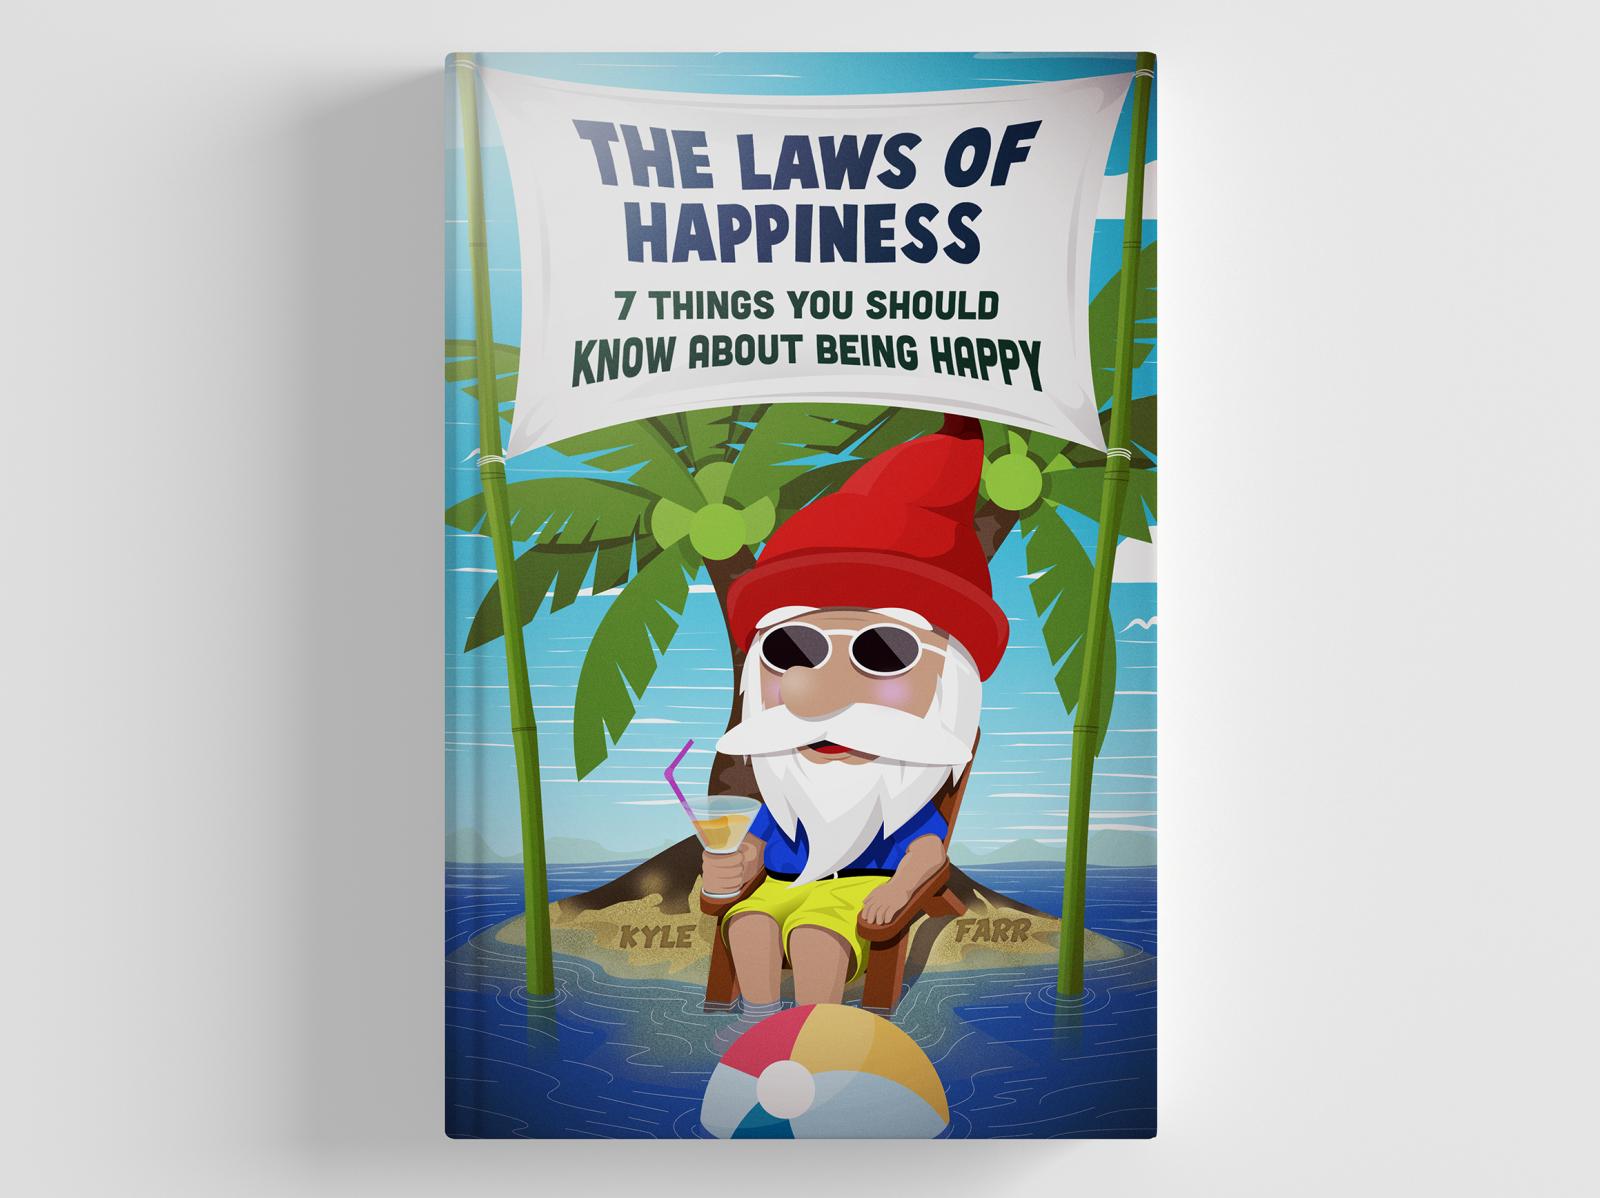 [COMMISSIONED] Book Cover Design - Gnome